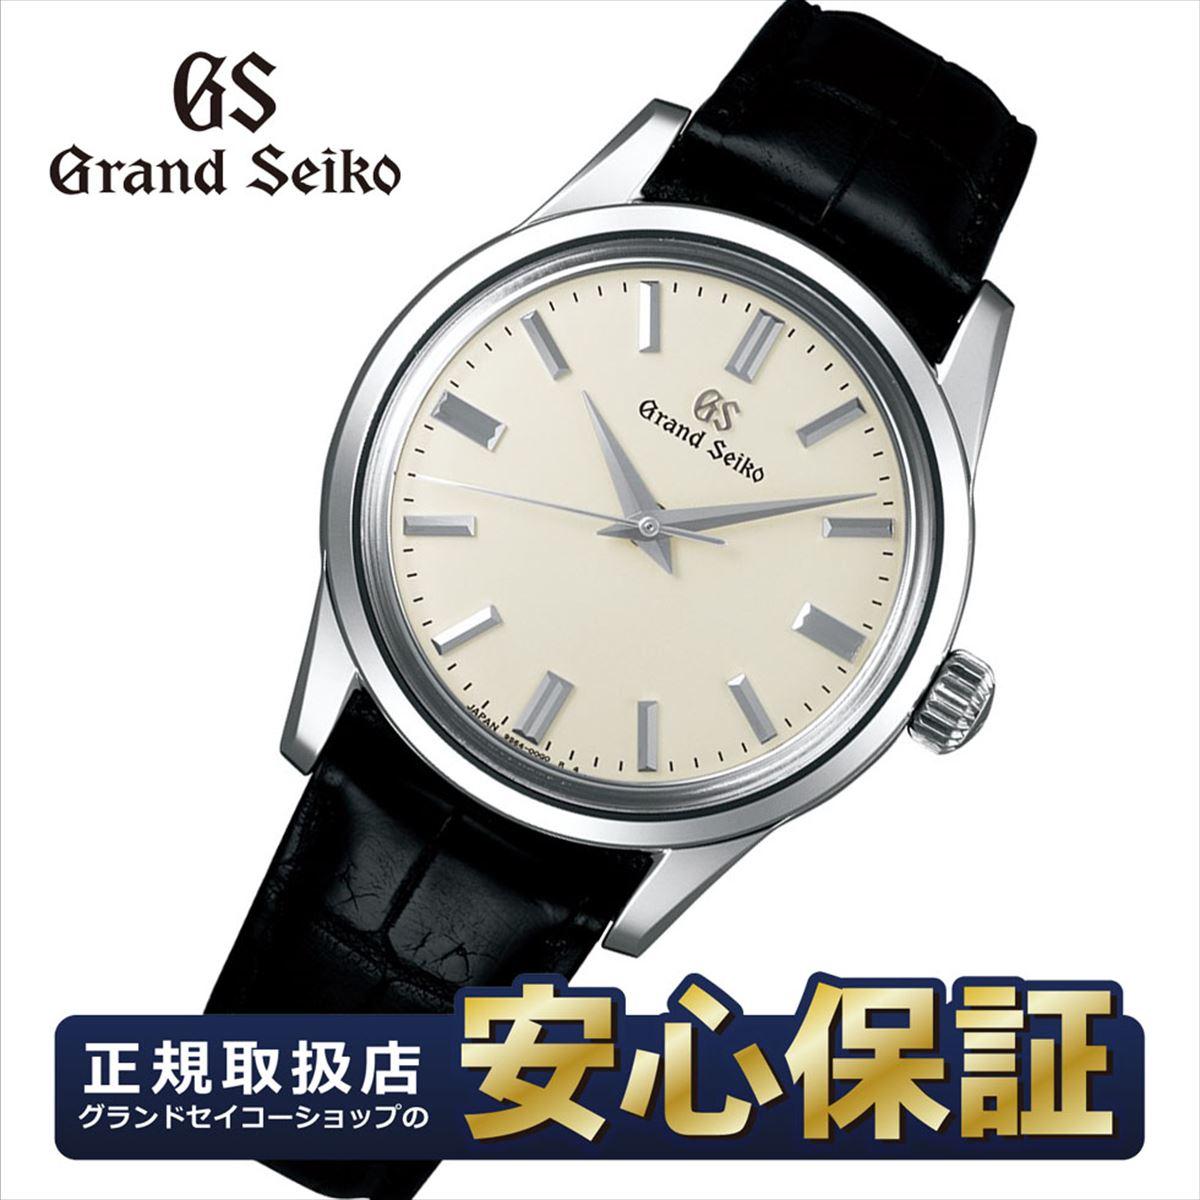 腕時計, メンズ腕時計 10OFF2195930GSSEIKO SBGW231 9S64 3Days GRAND SEIKO NLGS